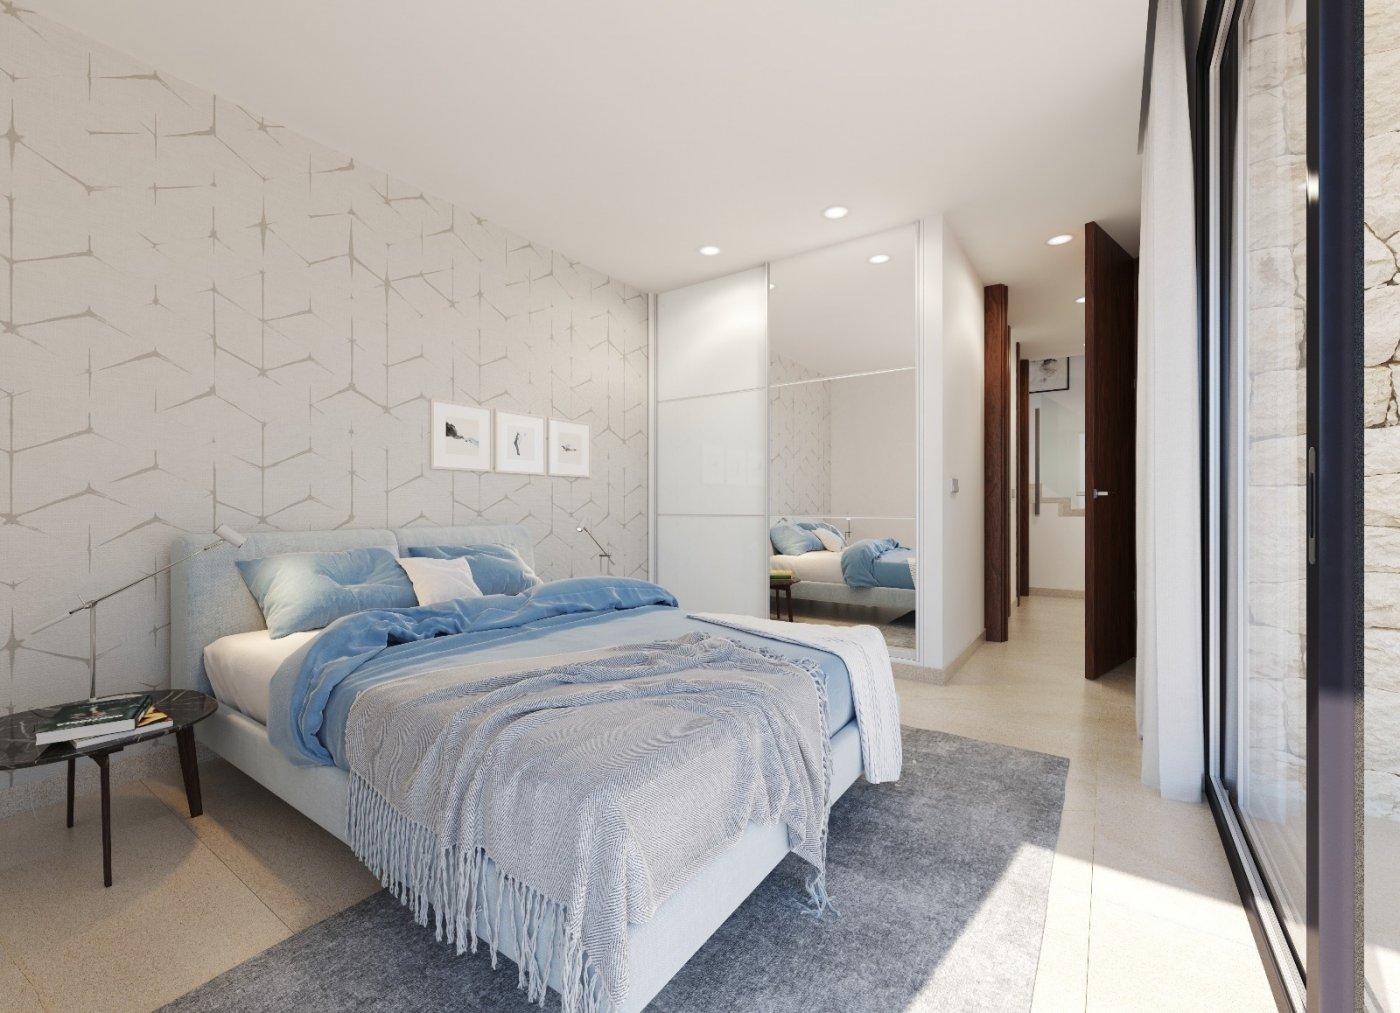 Villas de obra nueva modernas con vistas al mar en sierra cortina - imagenInmueble15